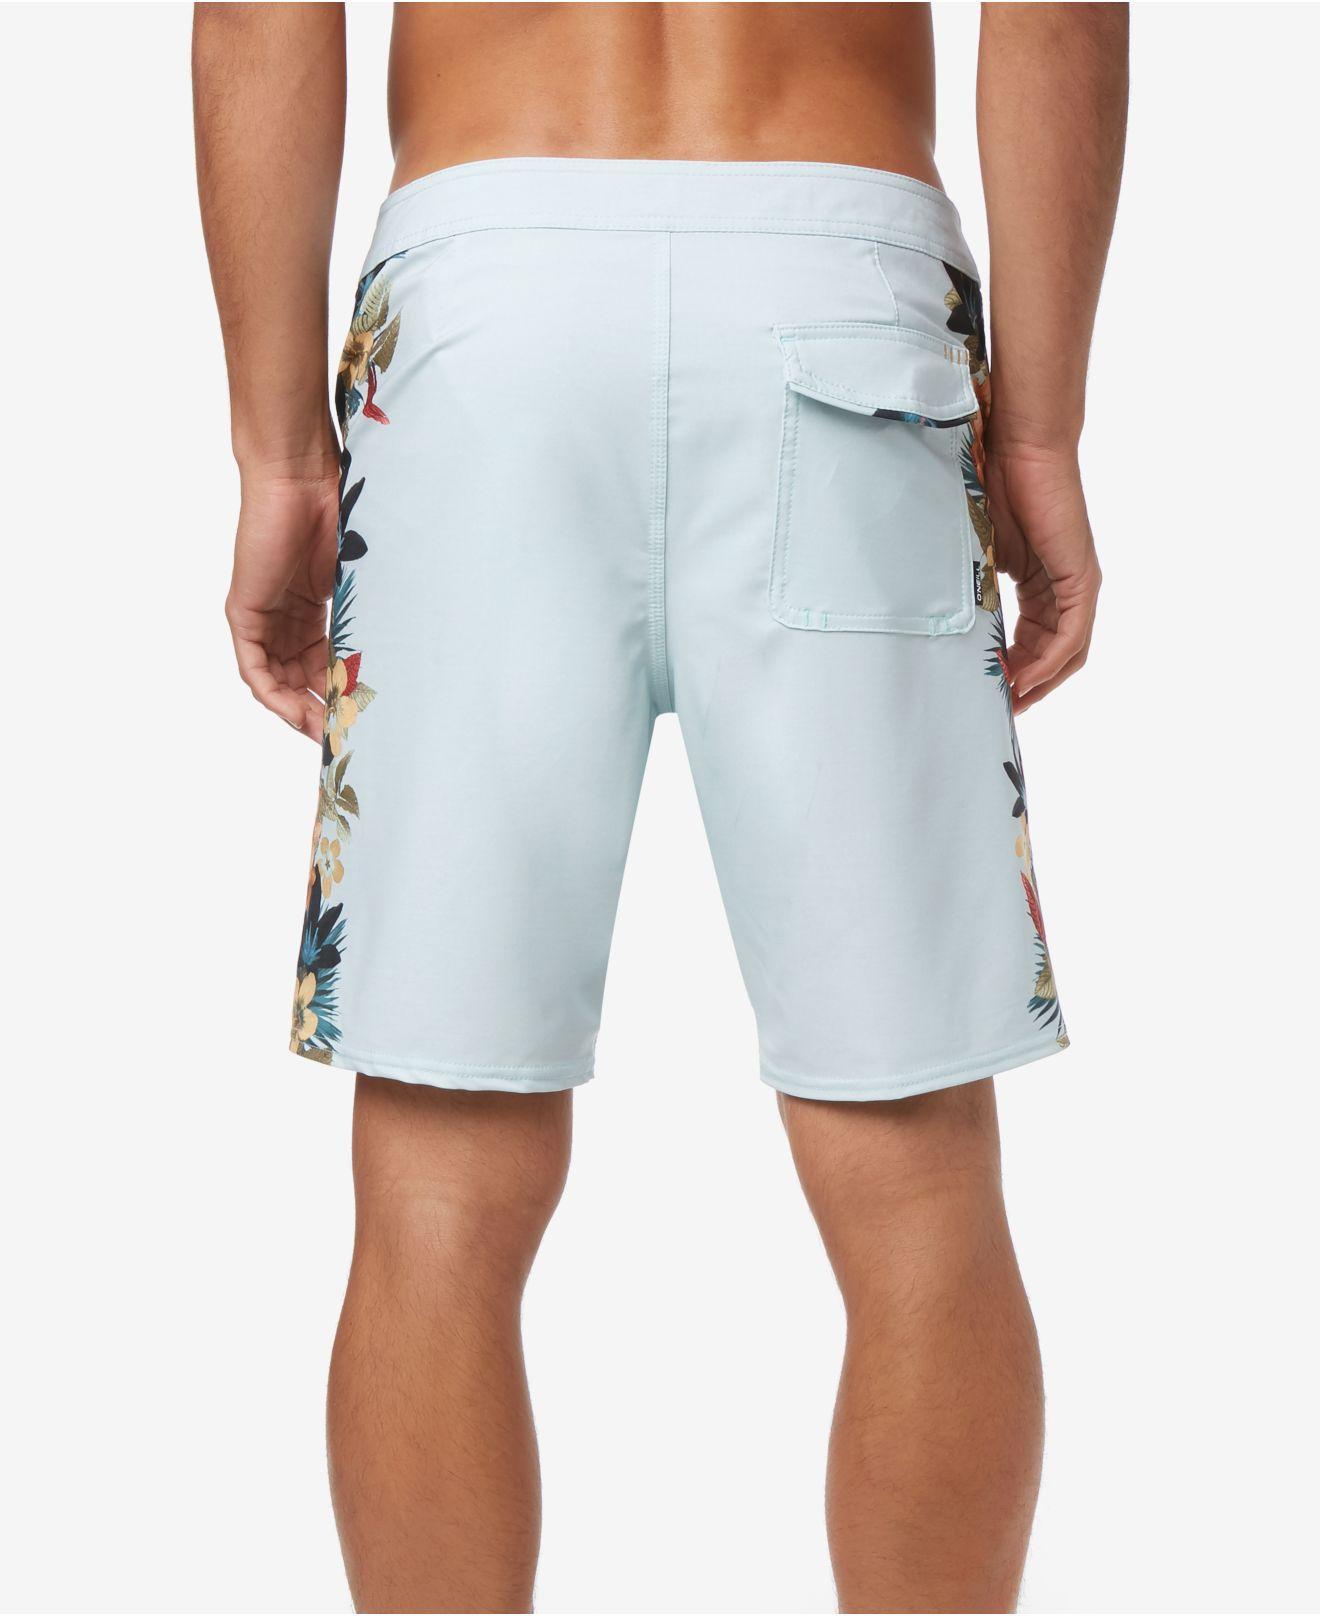 1337c99a50 Lyst - O'neill Sportswear Hyperfreak Tropic Stretch Tropical-print 19